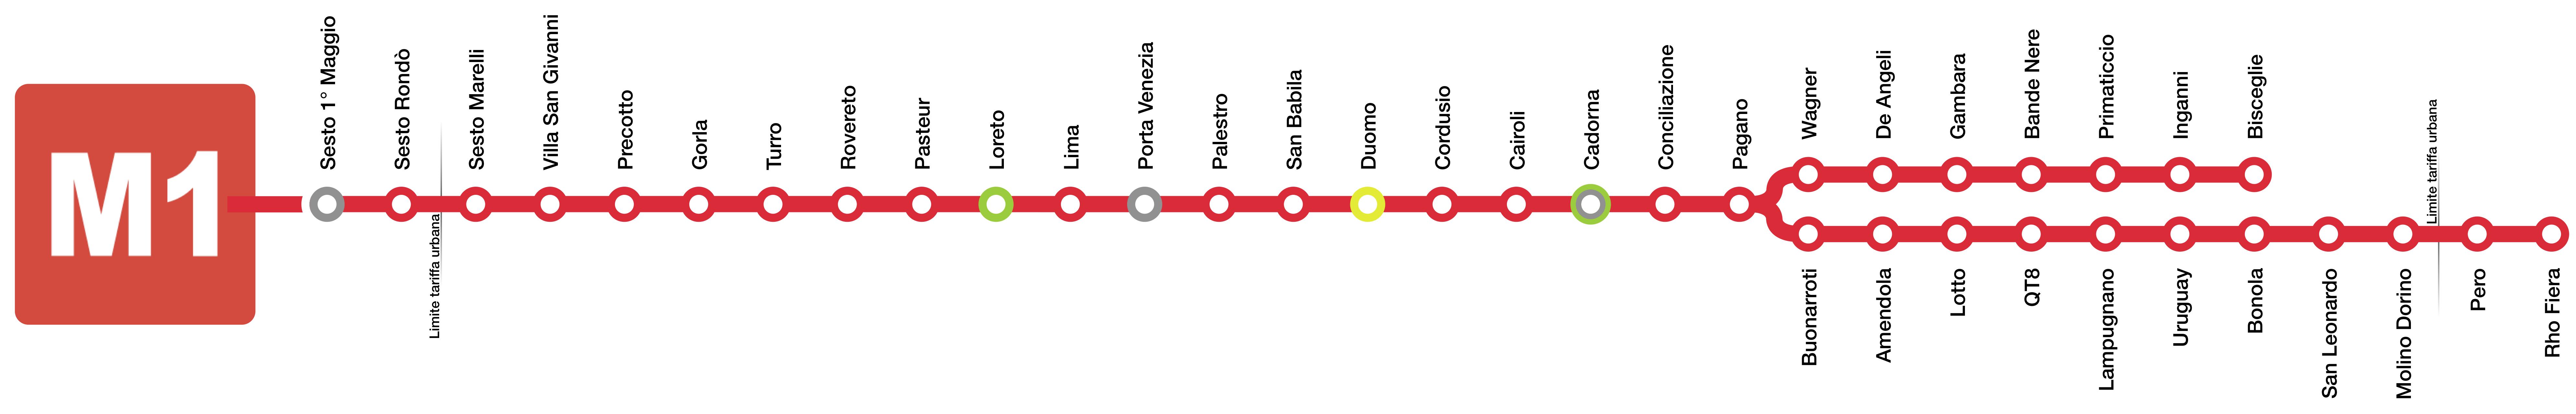 La mappa della metro di Milano e il crucipuzzle da ...